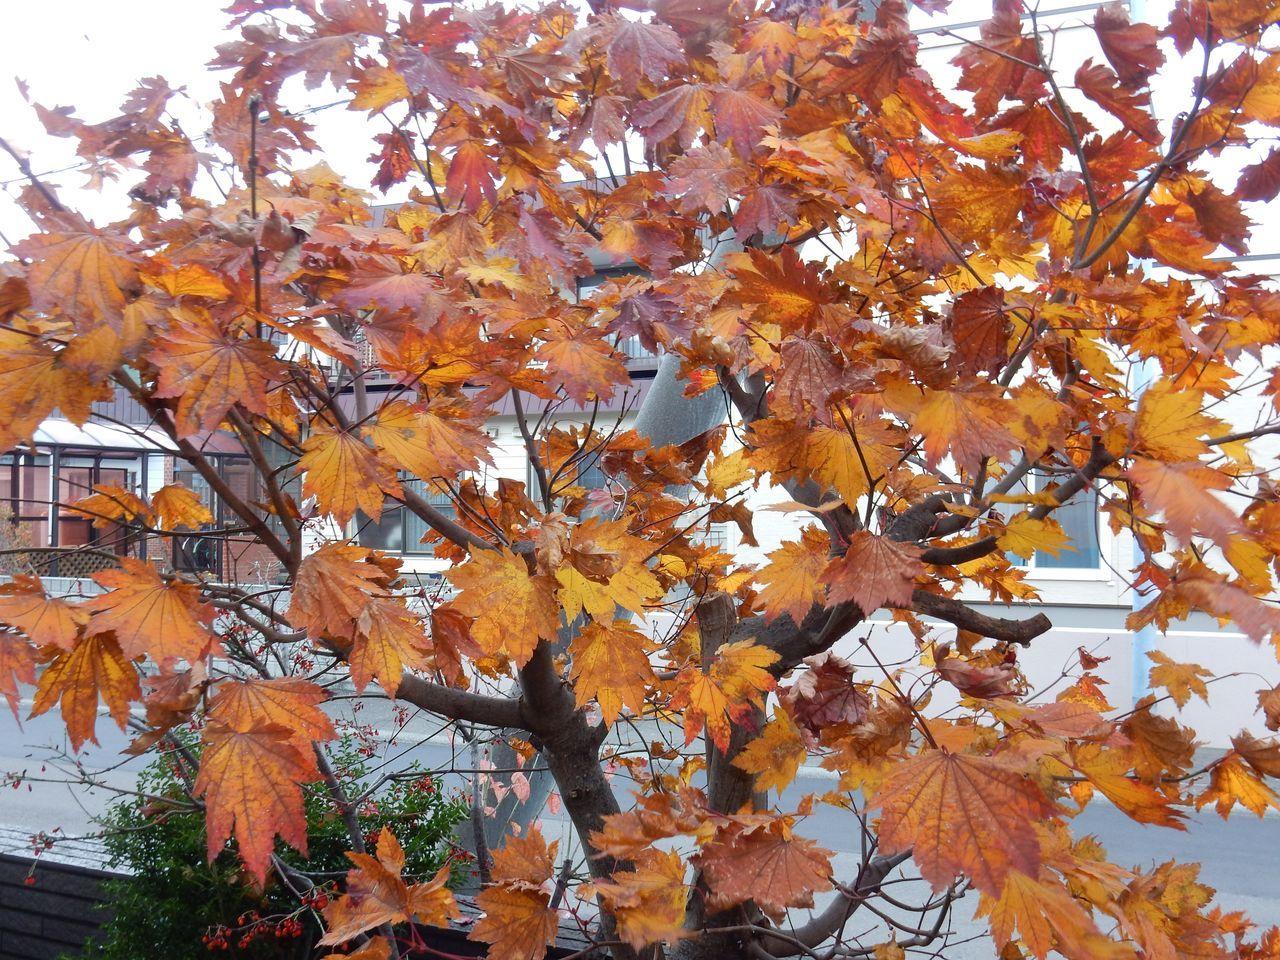 よく見ると一枚一枚の葉の色だって違います_c0025115_21115744.jpg